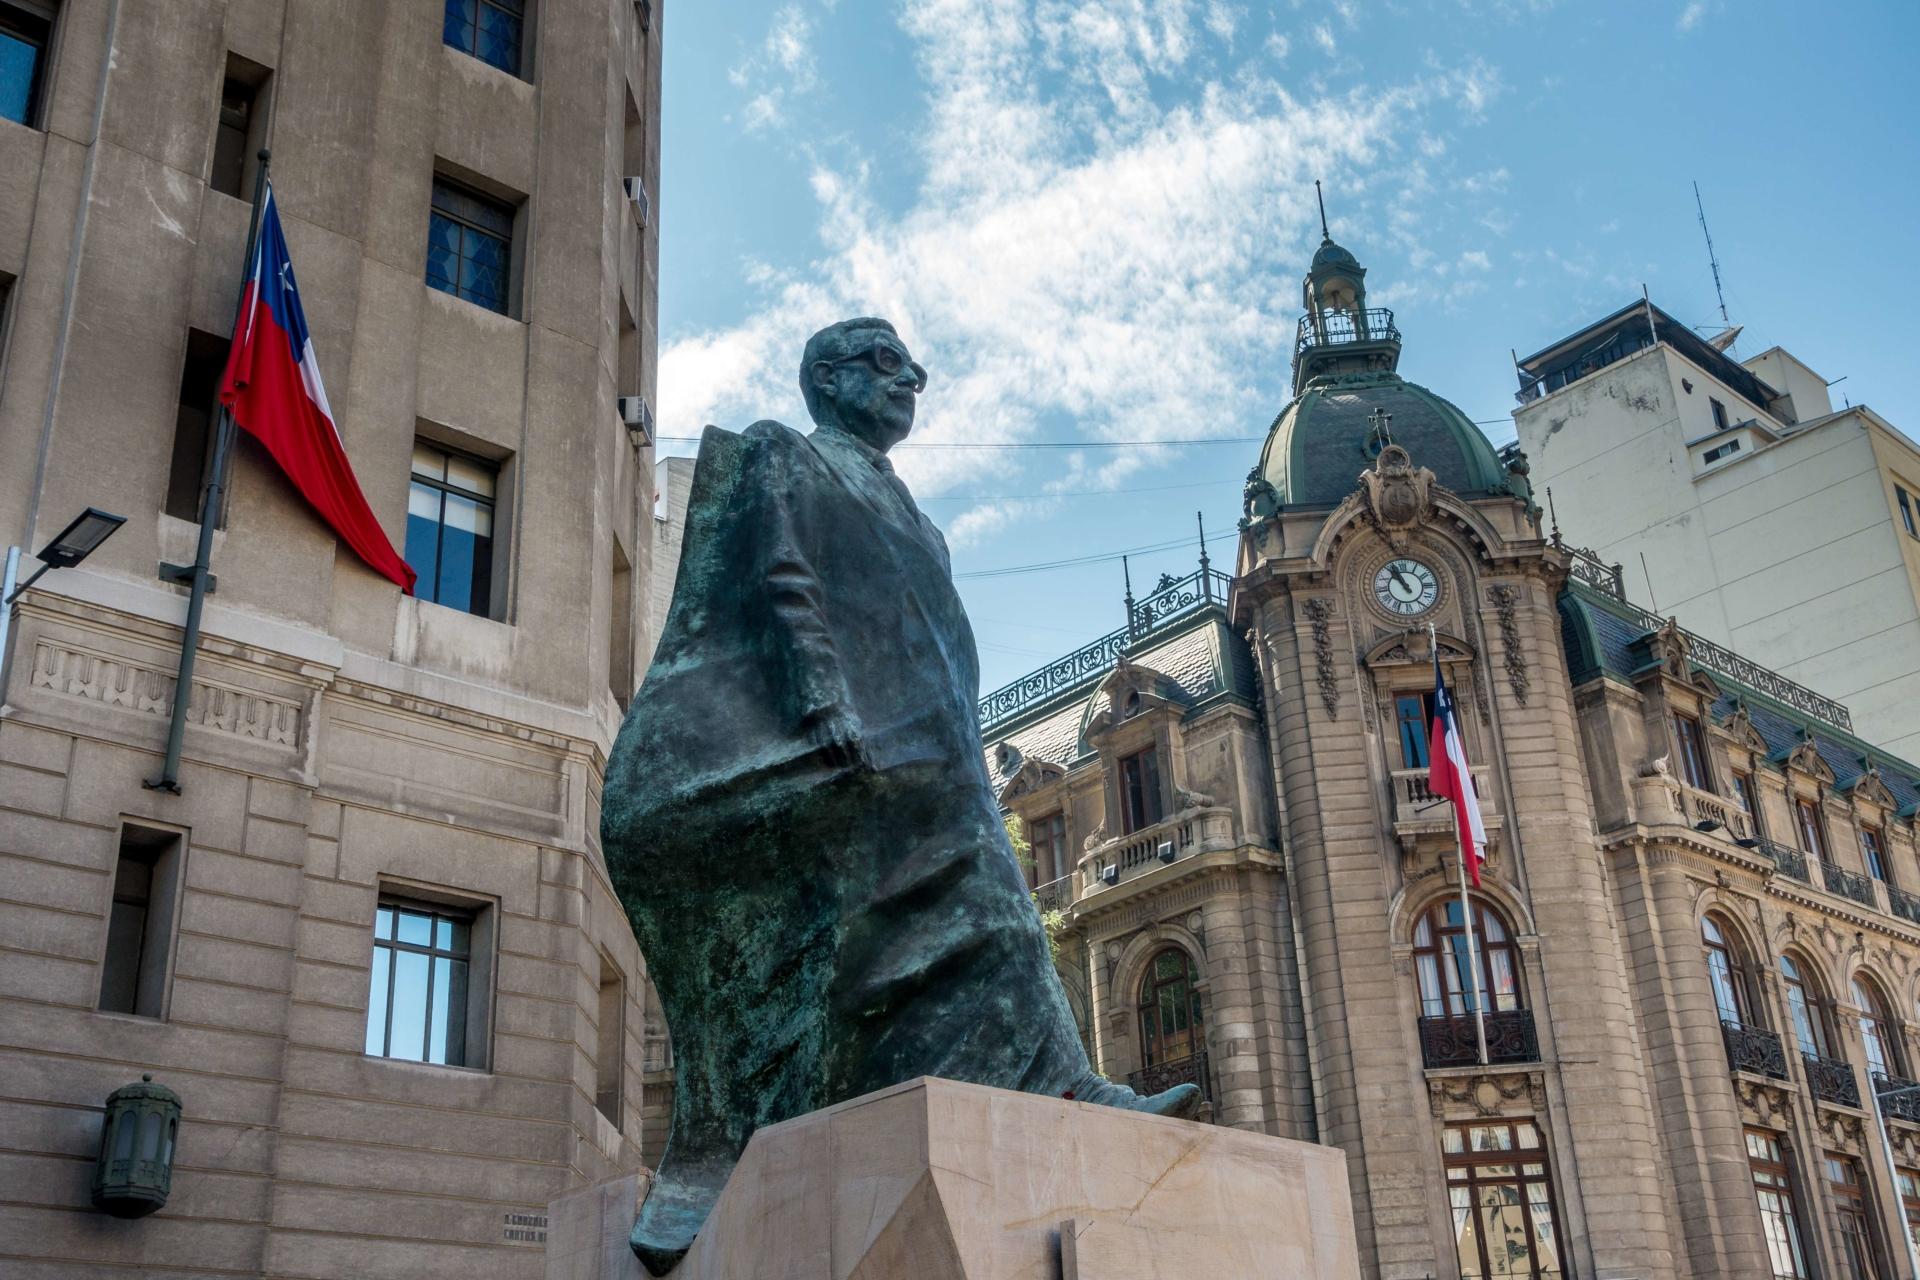 salvador-allende-statue-santiago